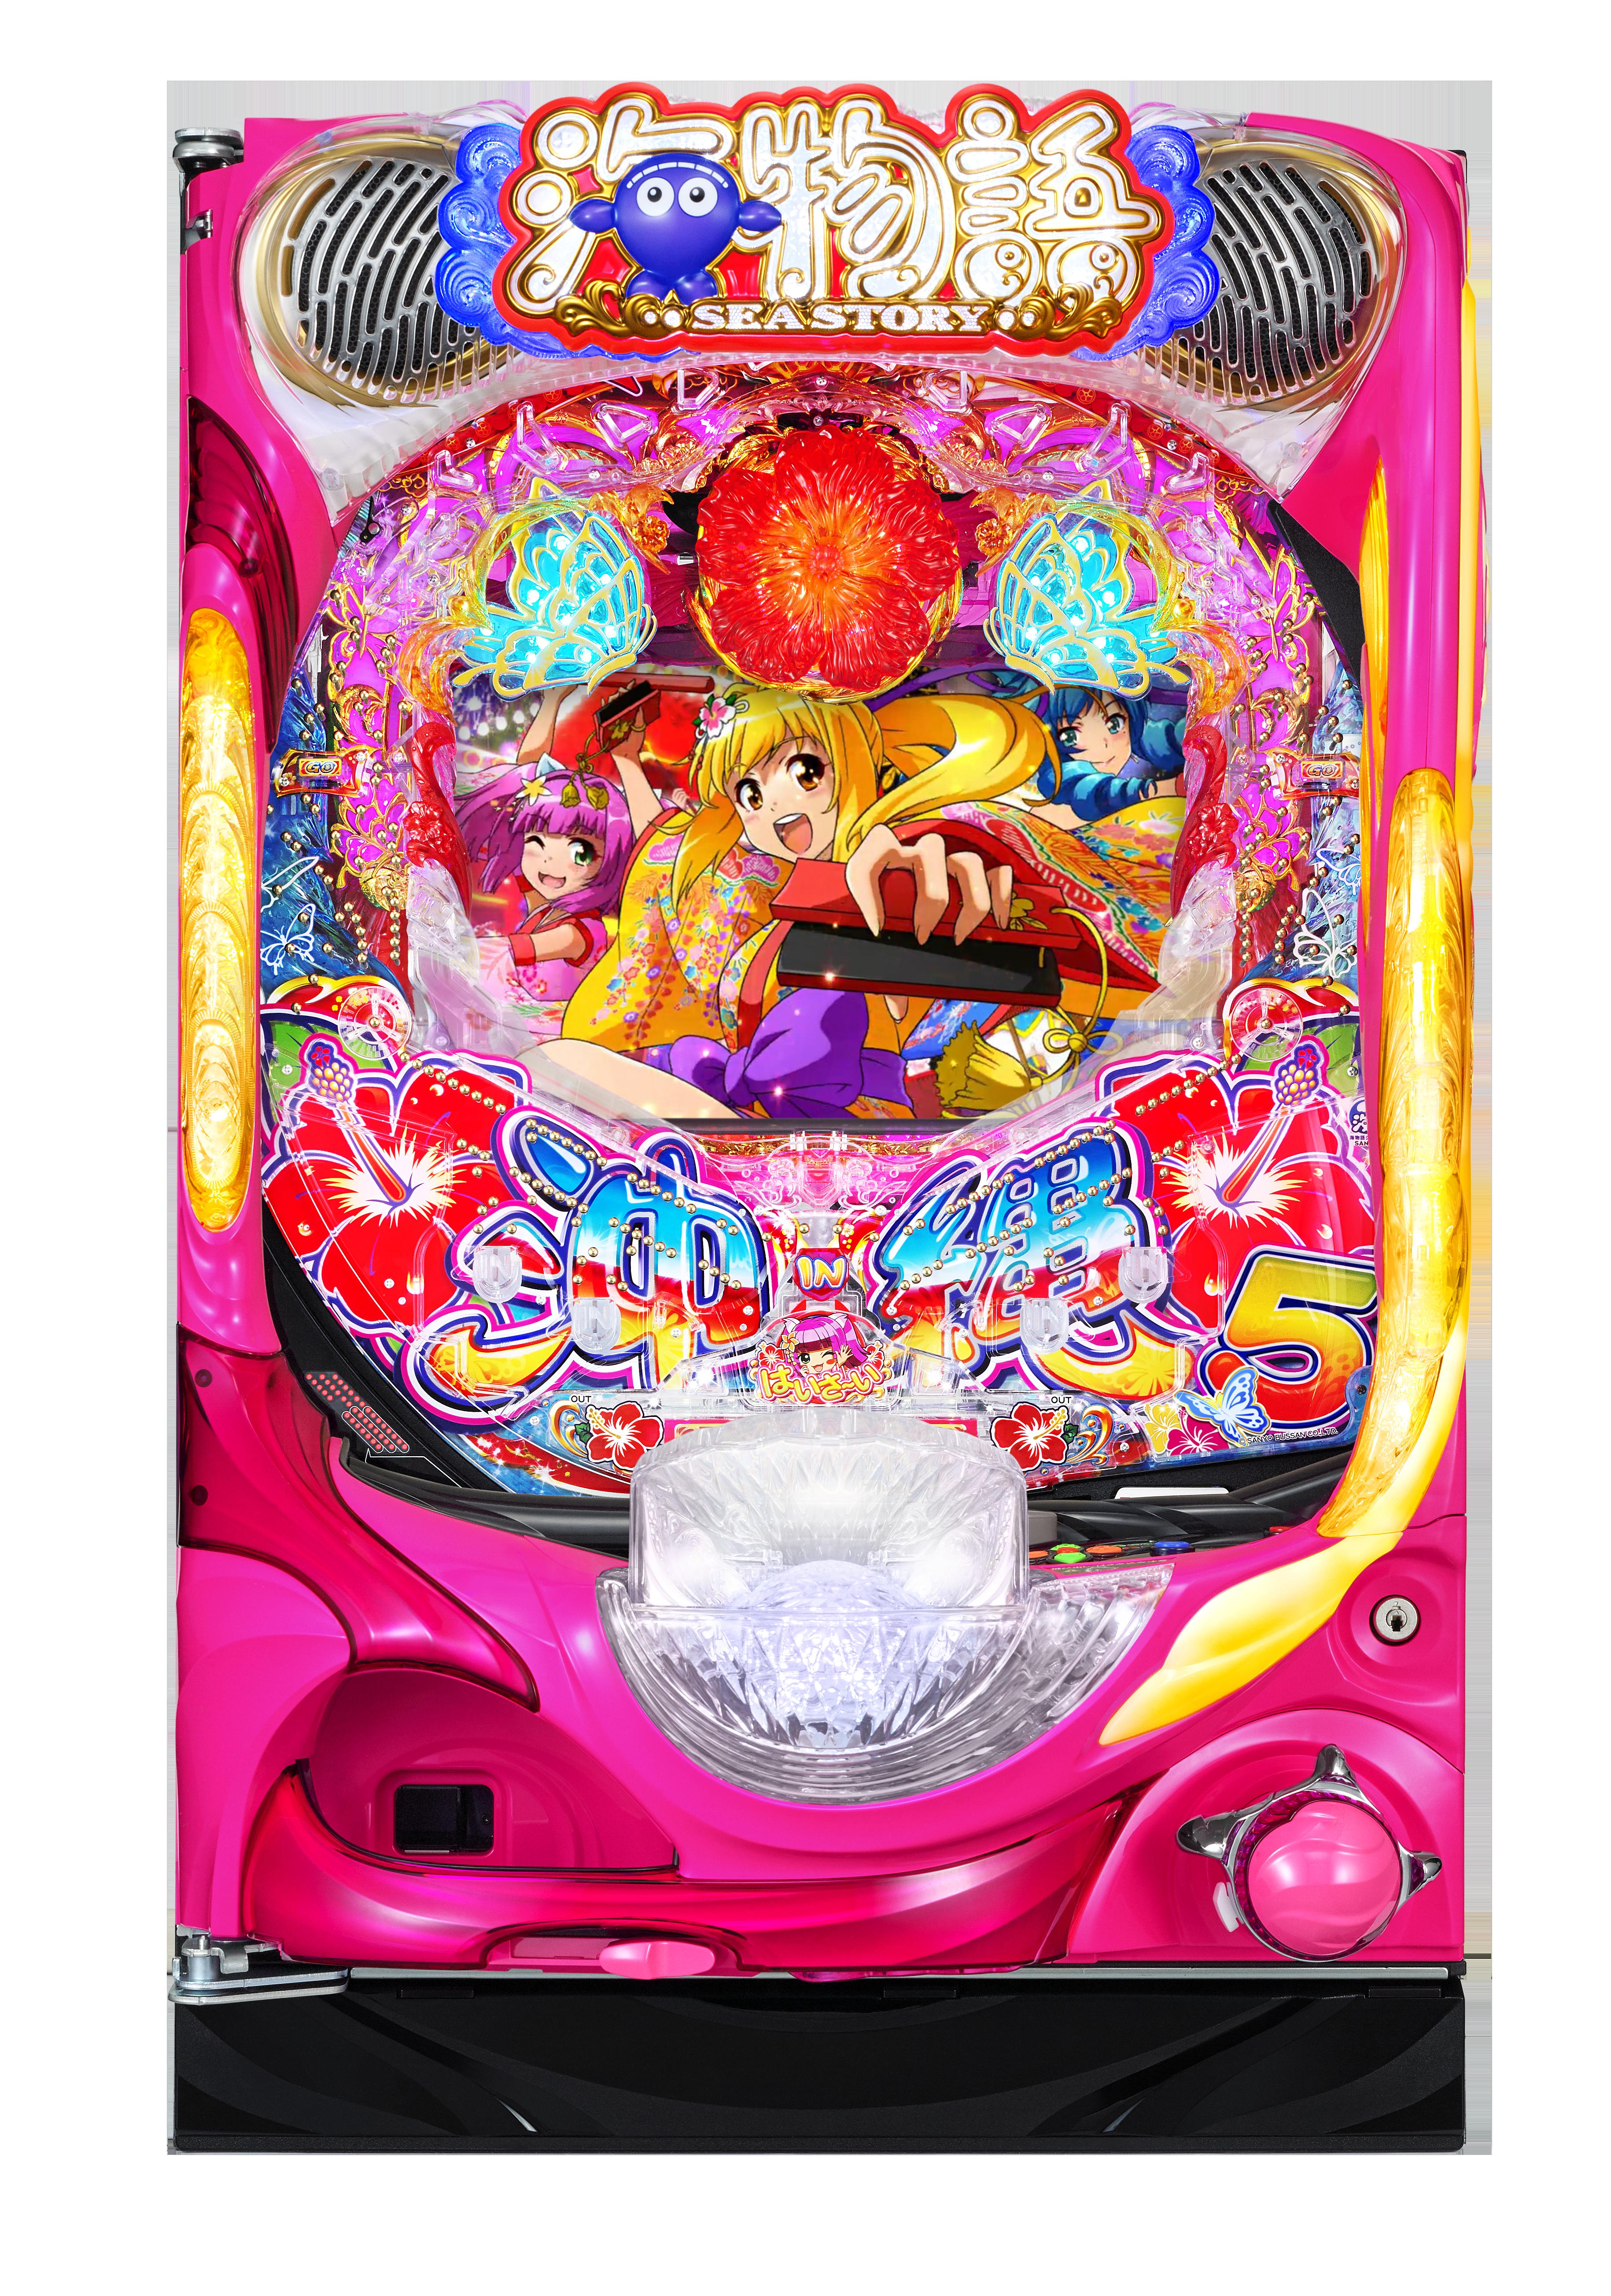 パチンコPスーパー海物語 IN 沖縄5の筐体の画像